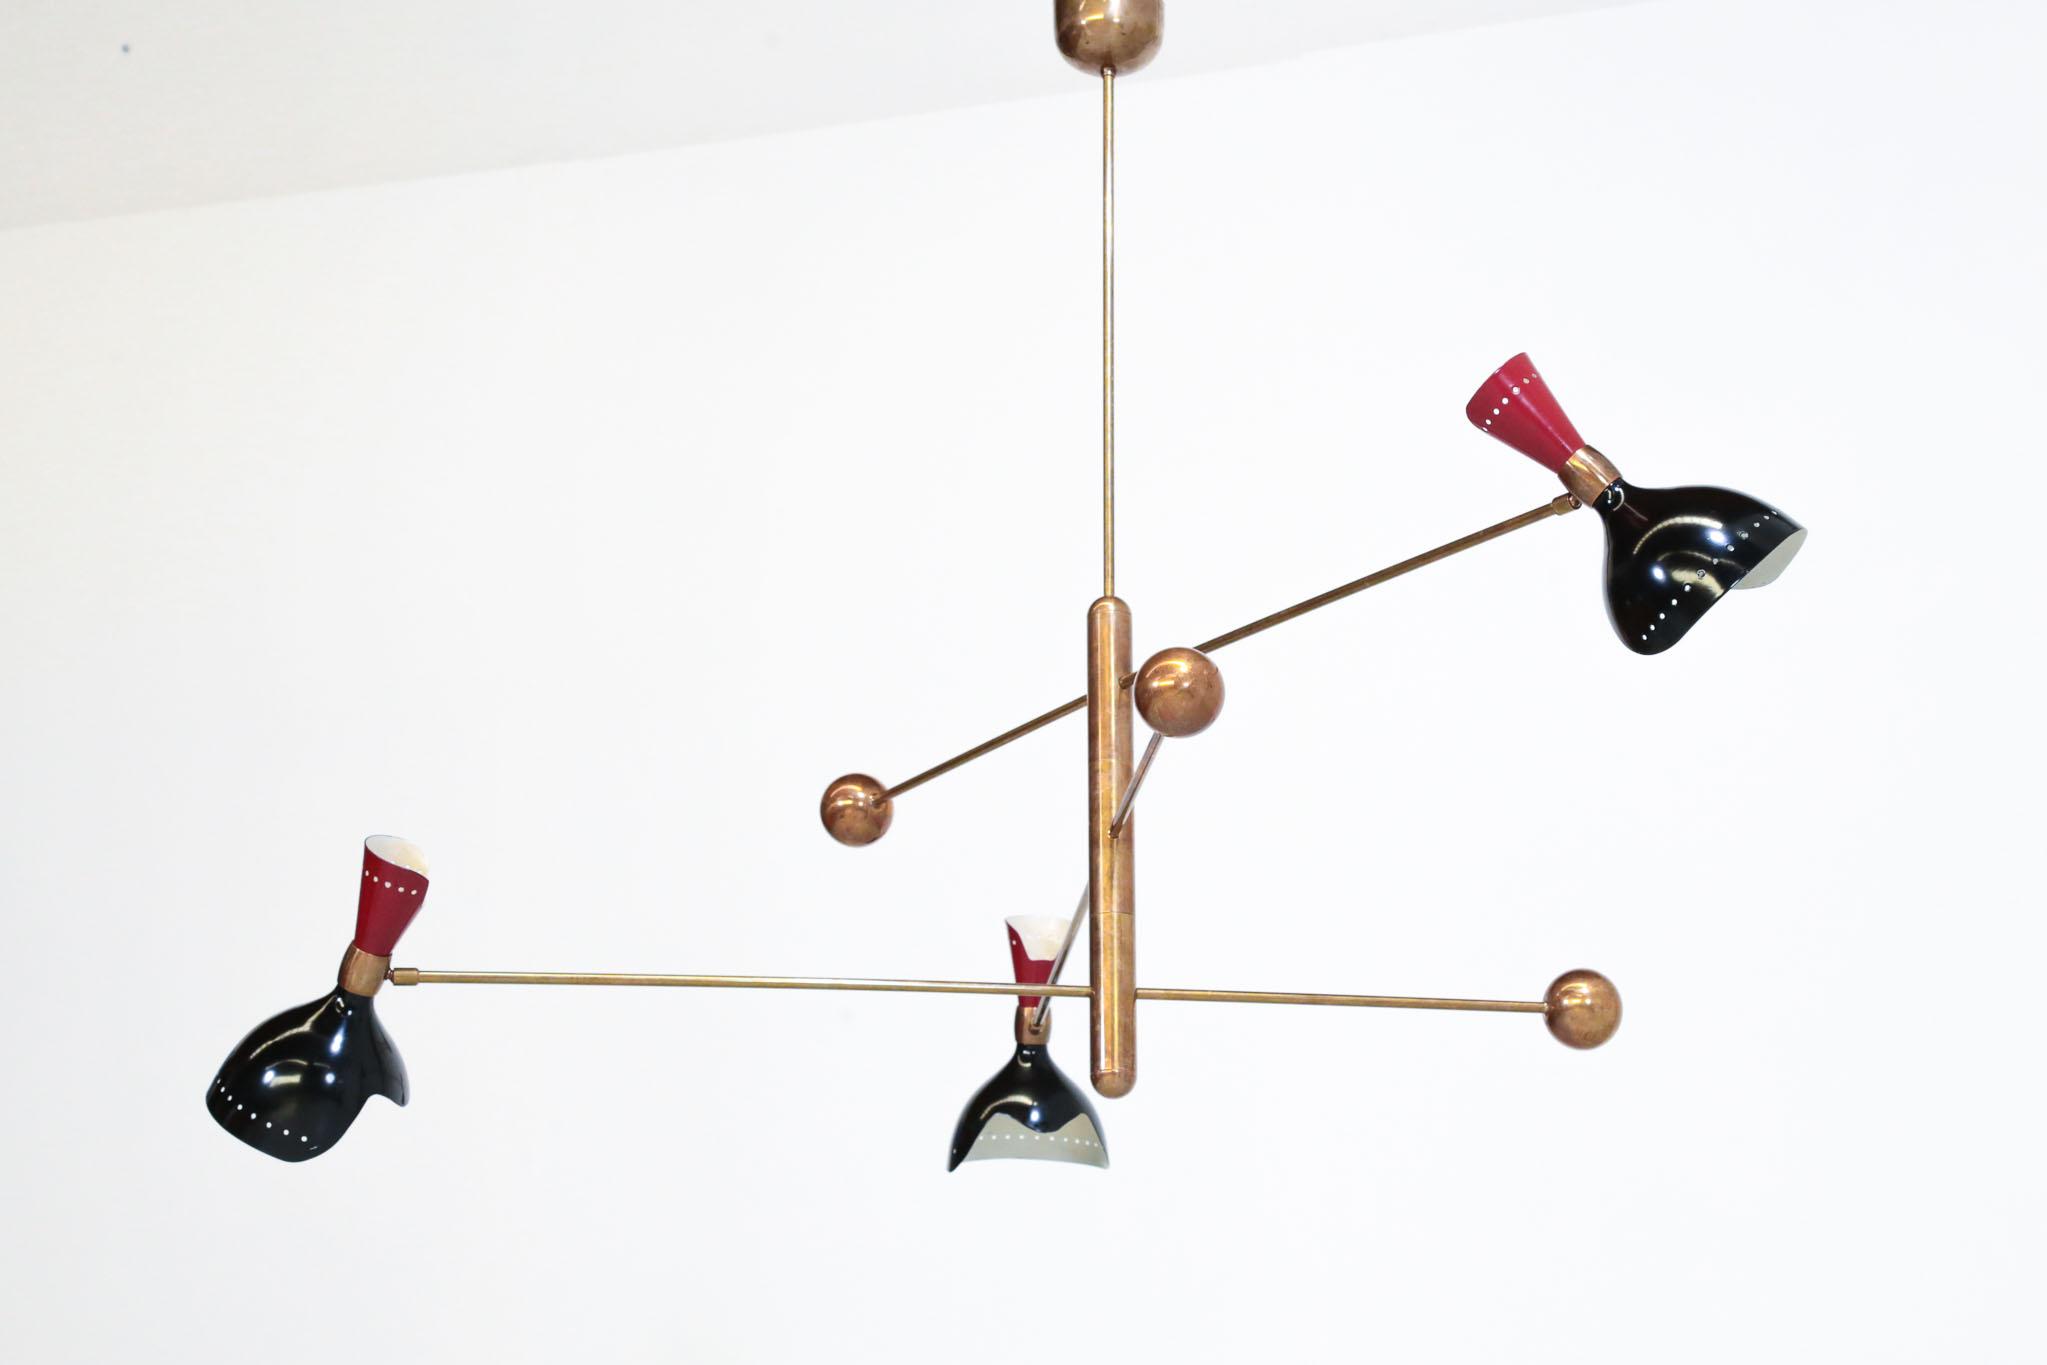 lustre italien stilnovo ann es 50 balancier rouge et noir. Black Bedroom Furniture Sets. Home Design Ideas